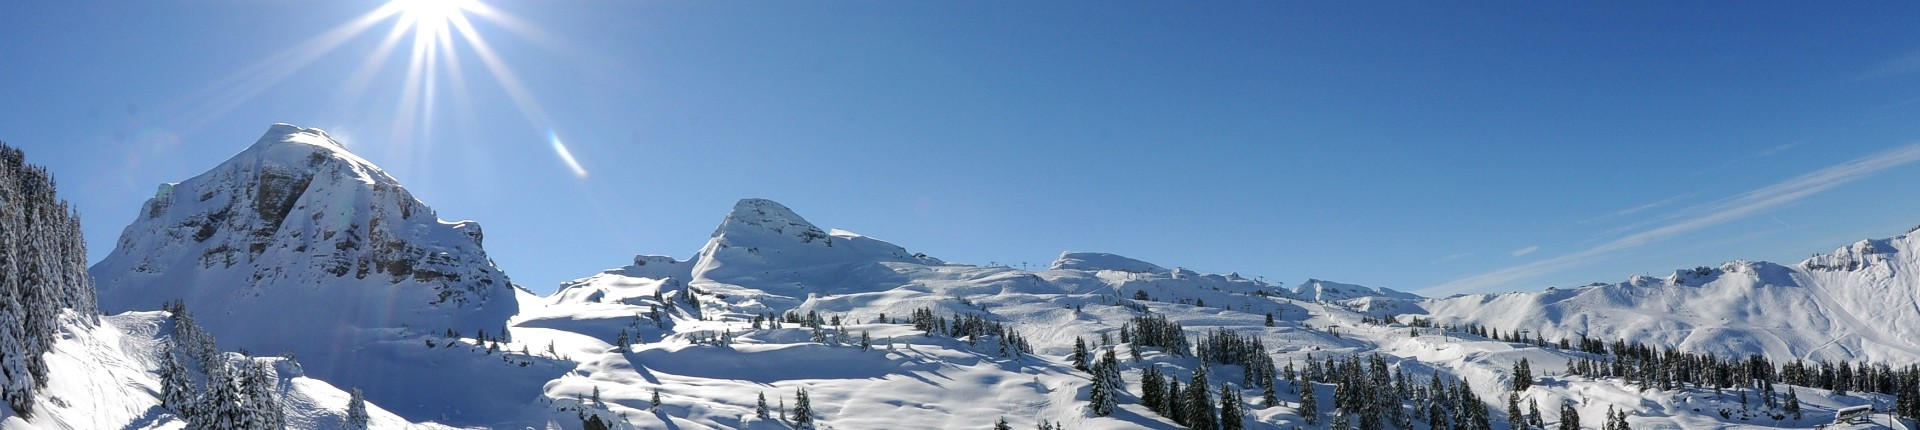 domaine-skiable-jf-vuarand-5-6106-138